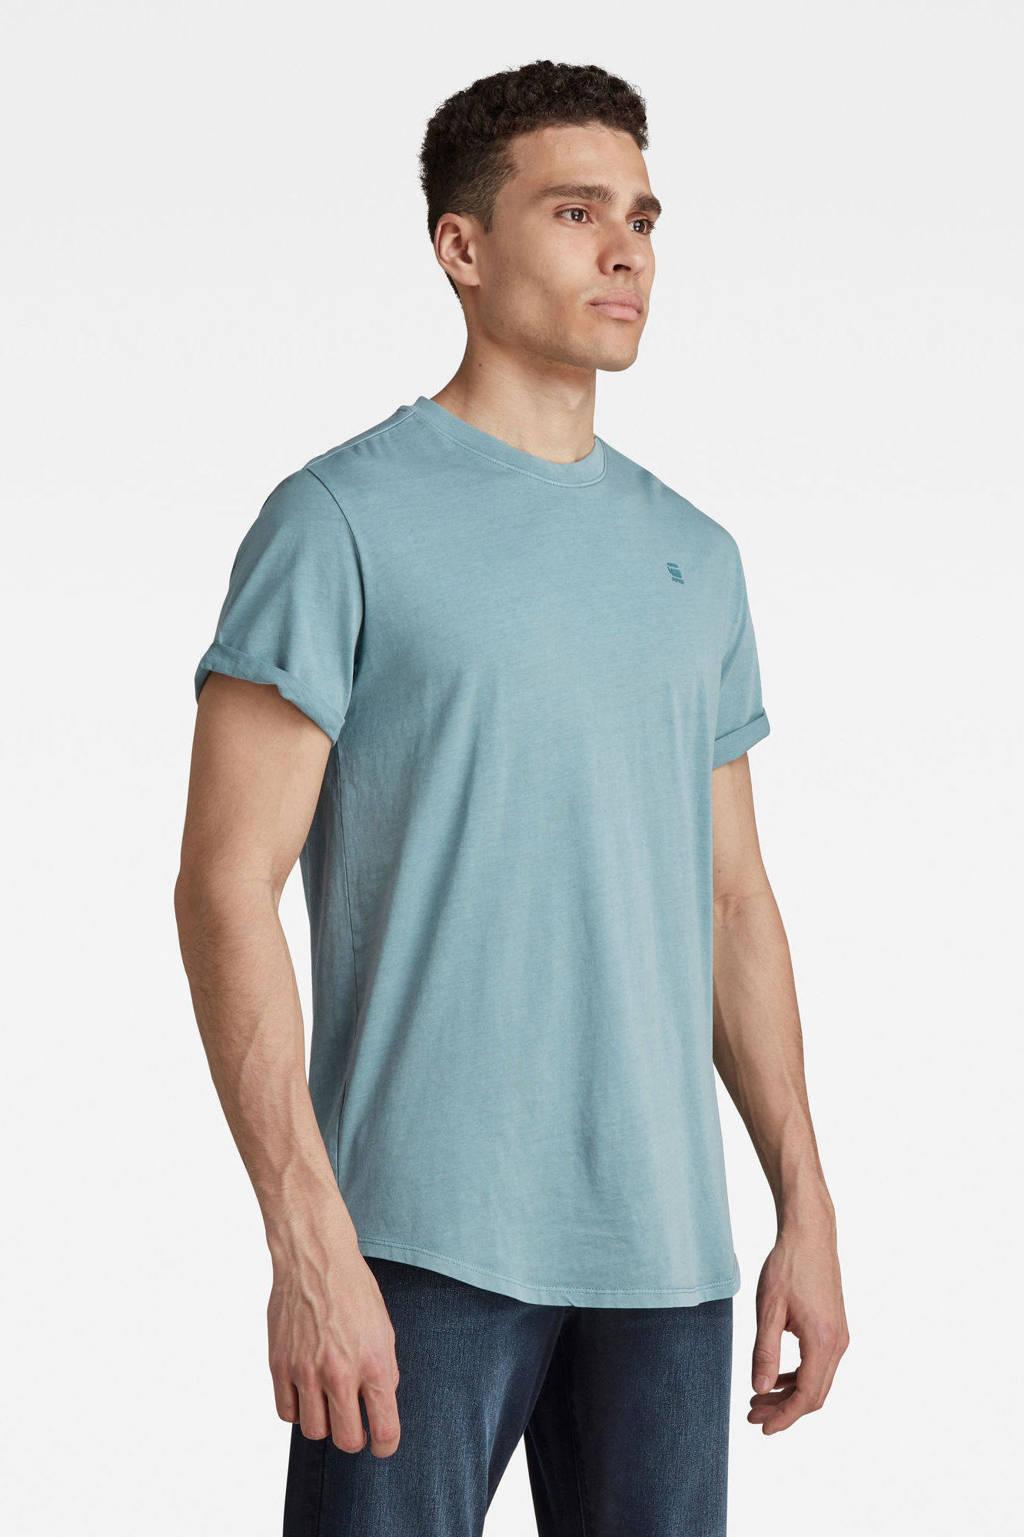 G-Star RAW T-shirt van biologisch katoen light bright nickel, Light bright nickel